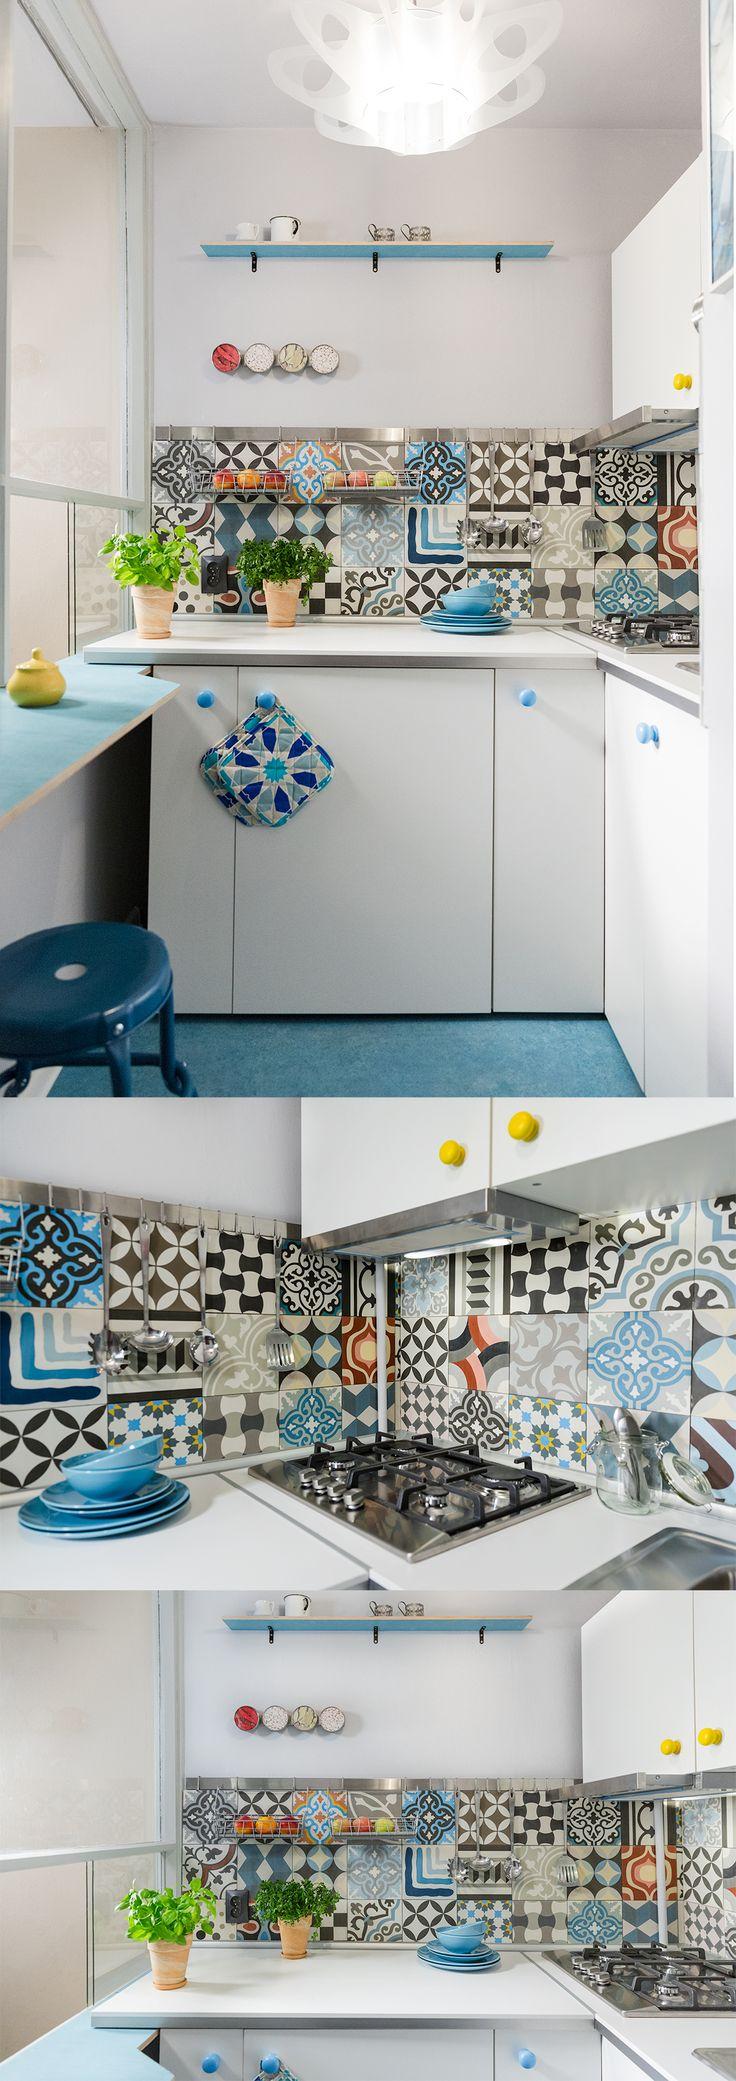 Mikrokuchnia z witryną na salonik w komunistycznym M3, czyli ok. 30 m2... Jak wnieść nieco fantazji, funkcjonalności i lekkości?... Można np. tak :)